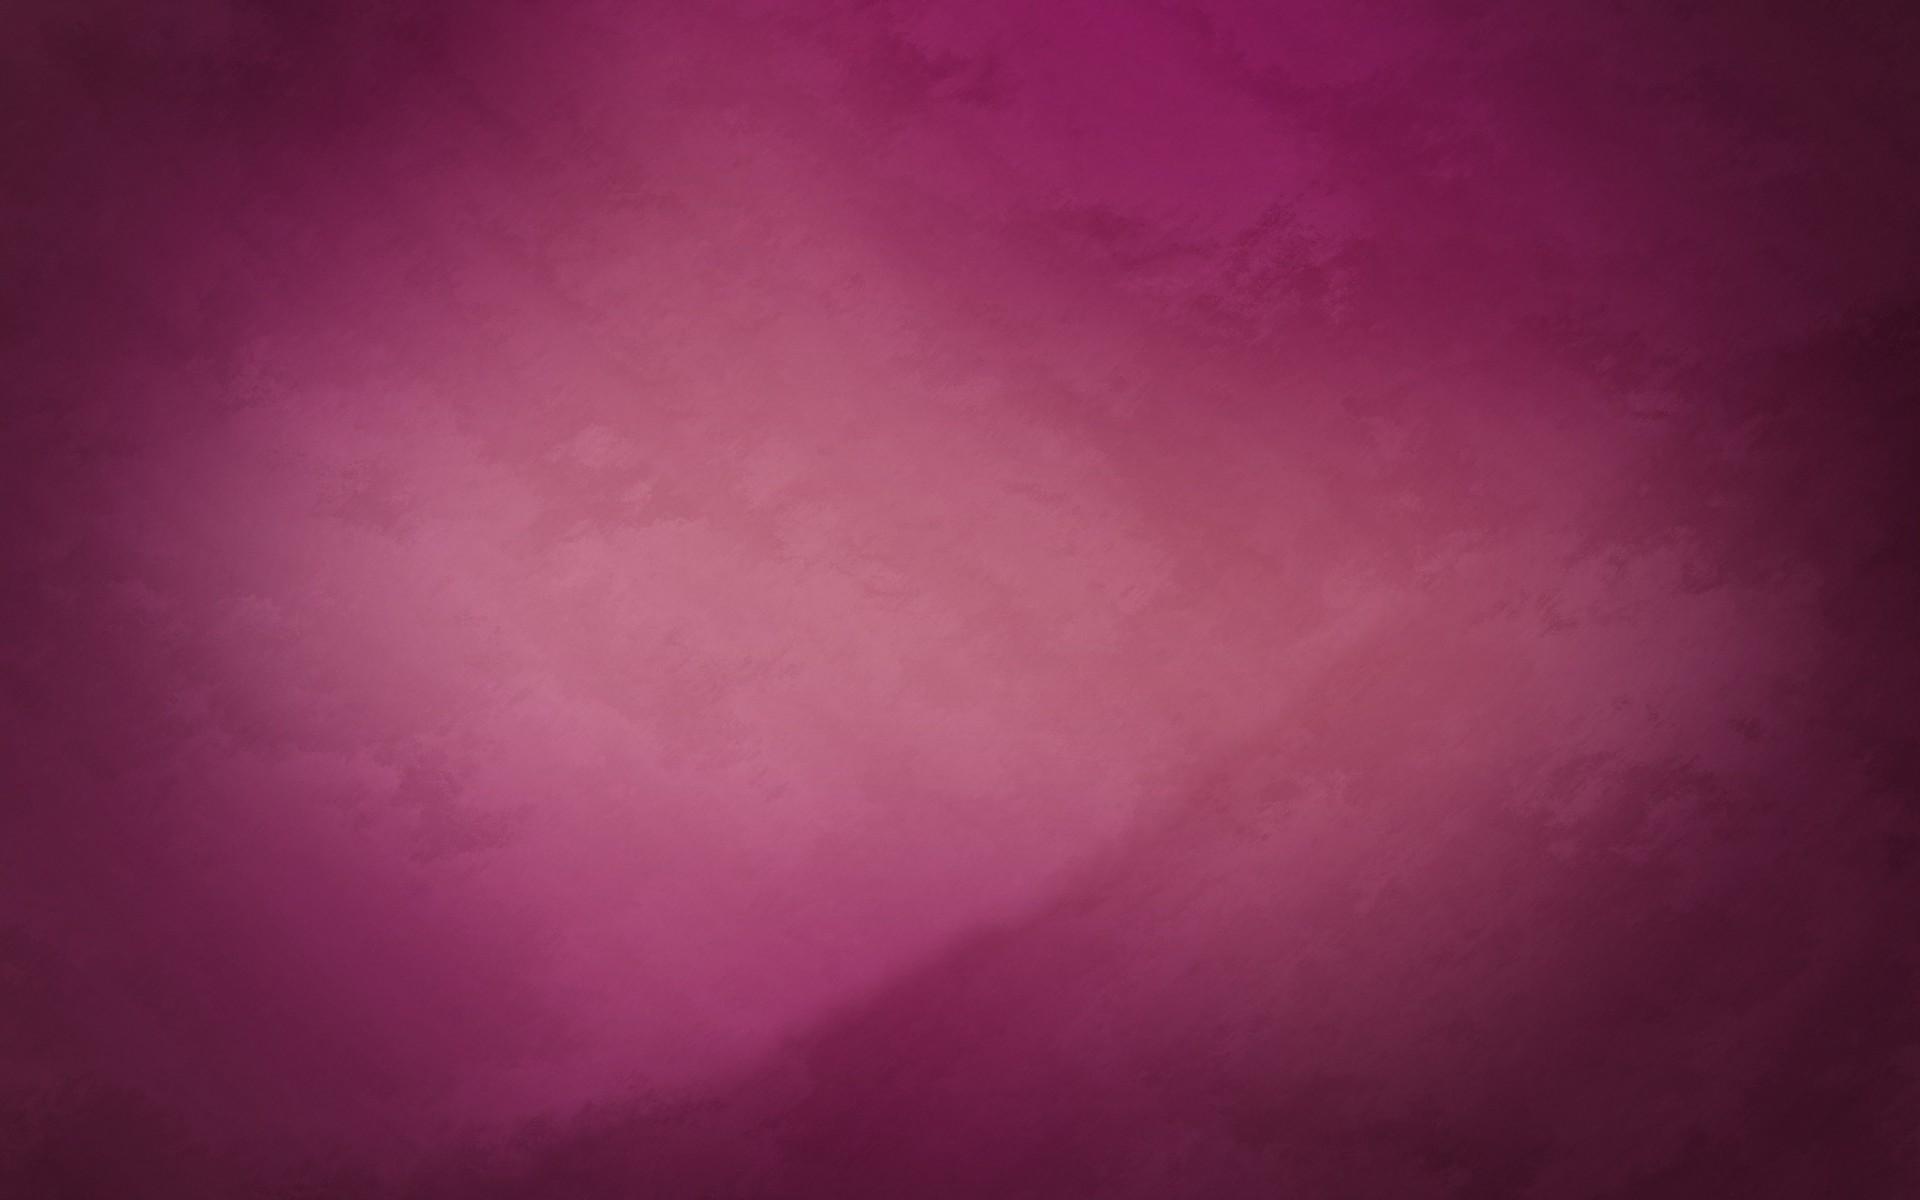 текстура розовая бесплатно